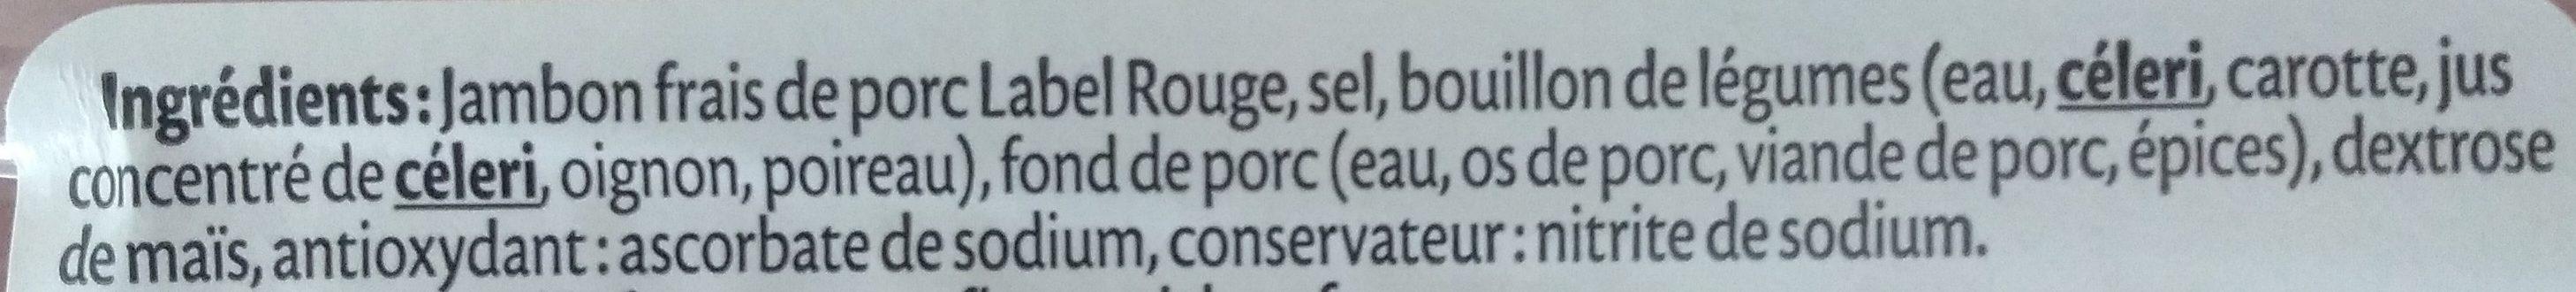 Le Supérieur Label Rouge - Ingredients